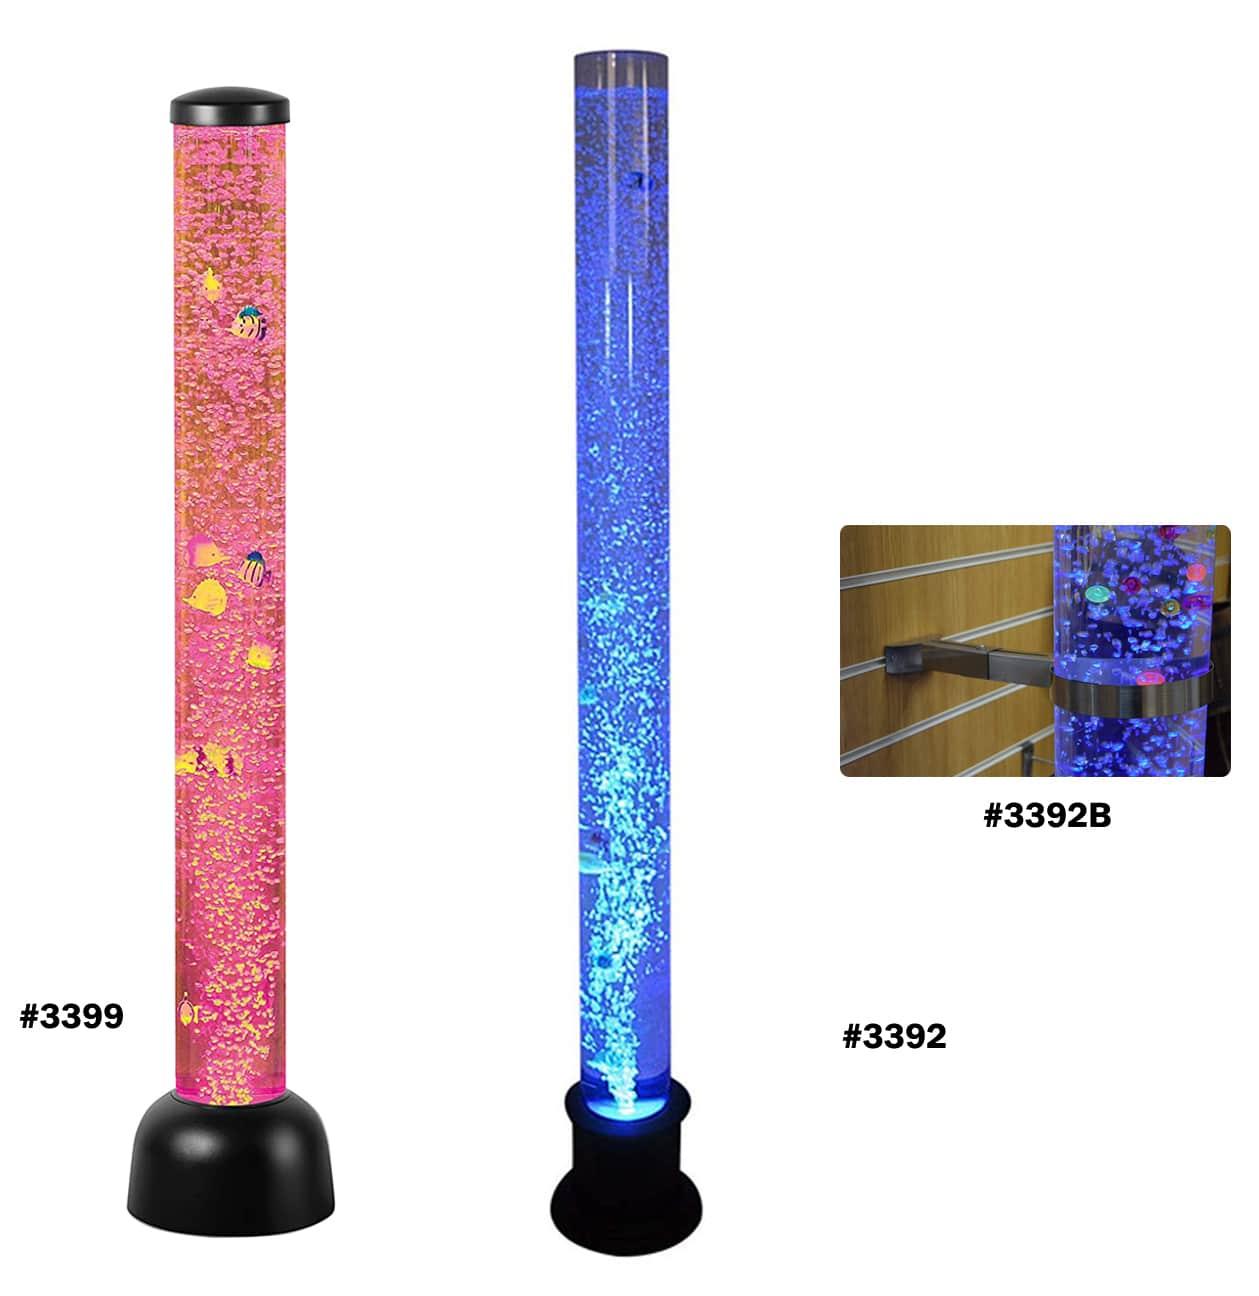 Sensory LED Bubble Tubes.2020